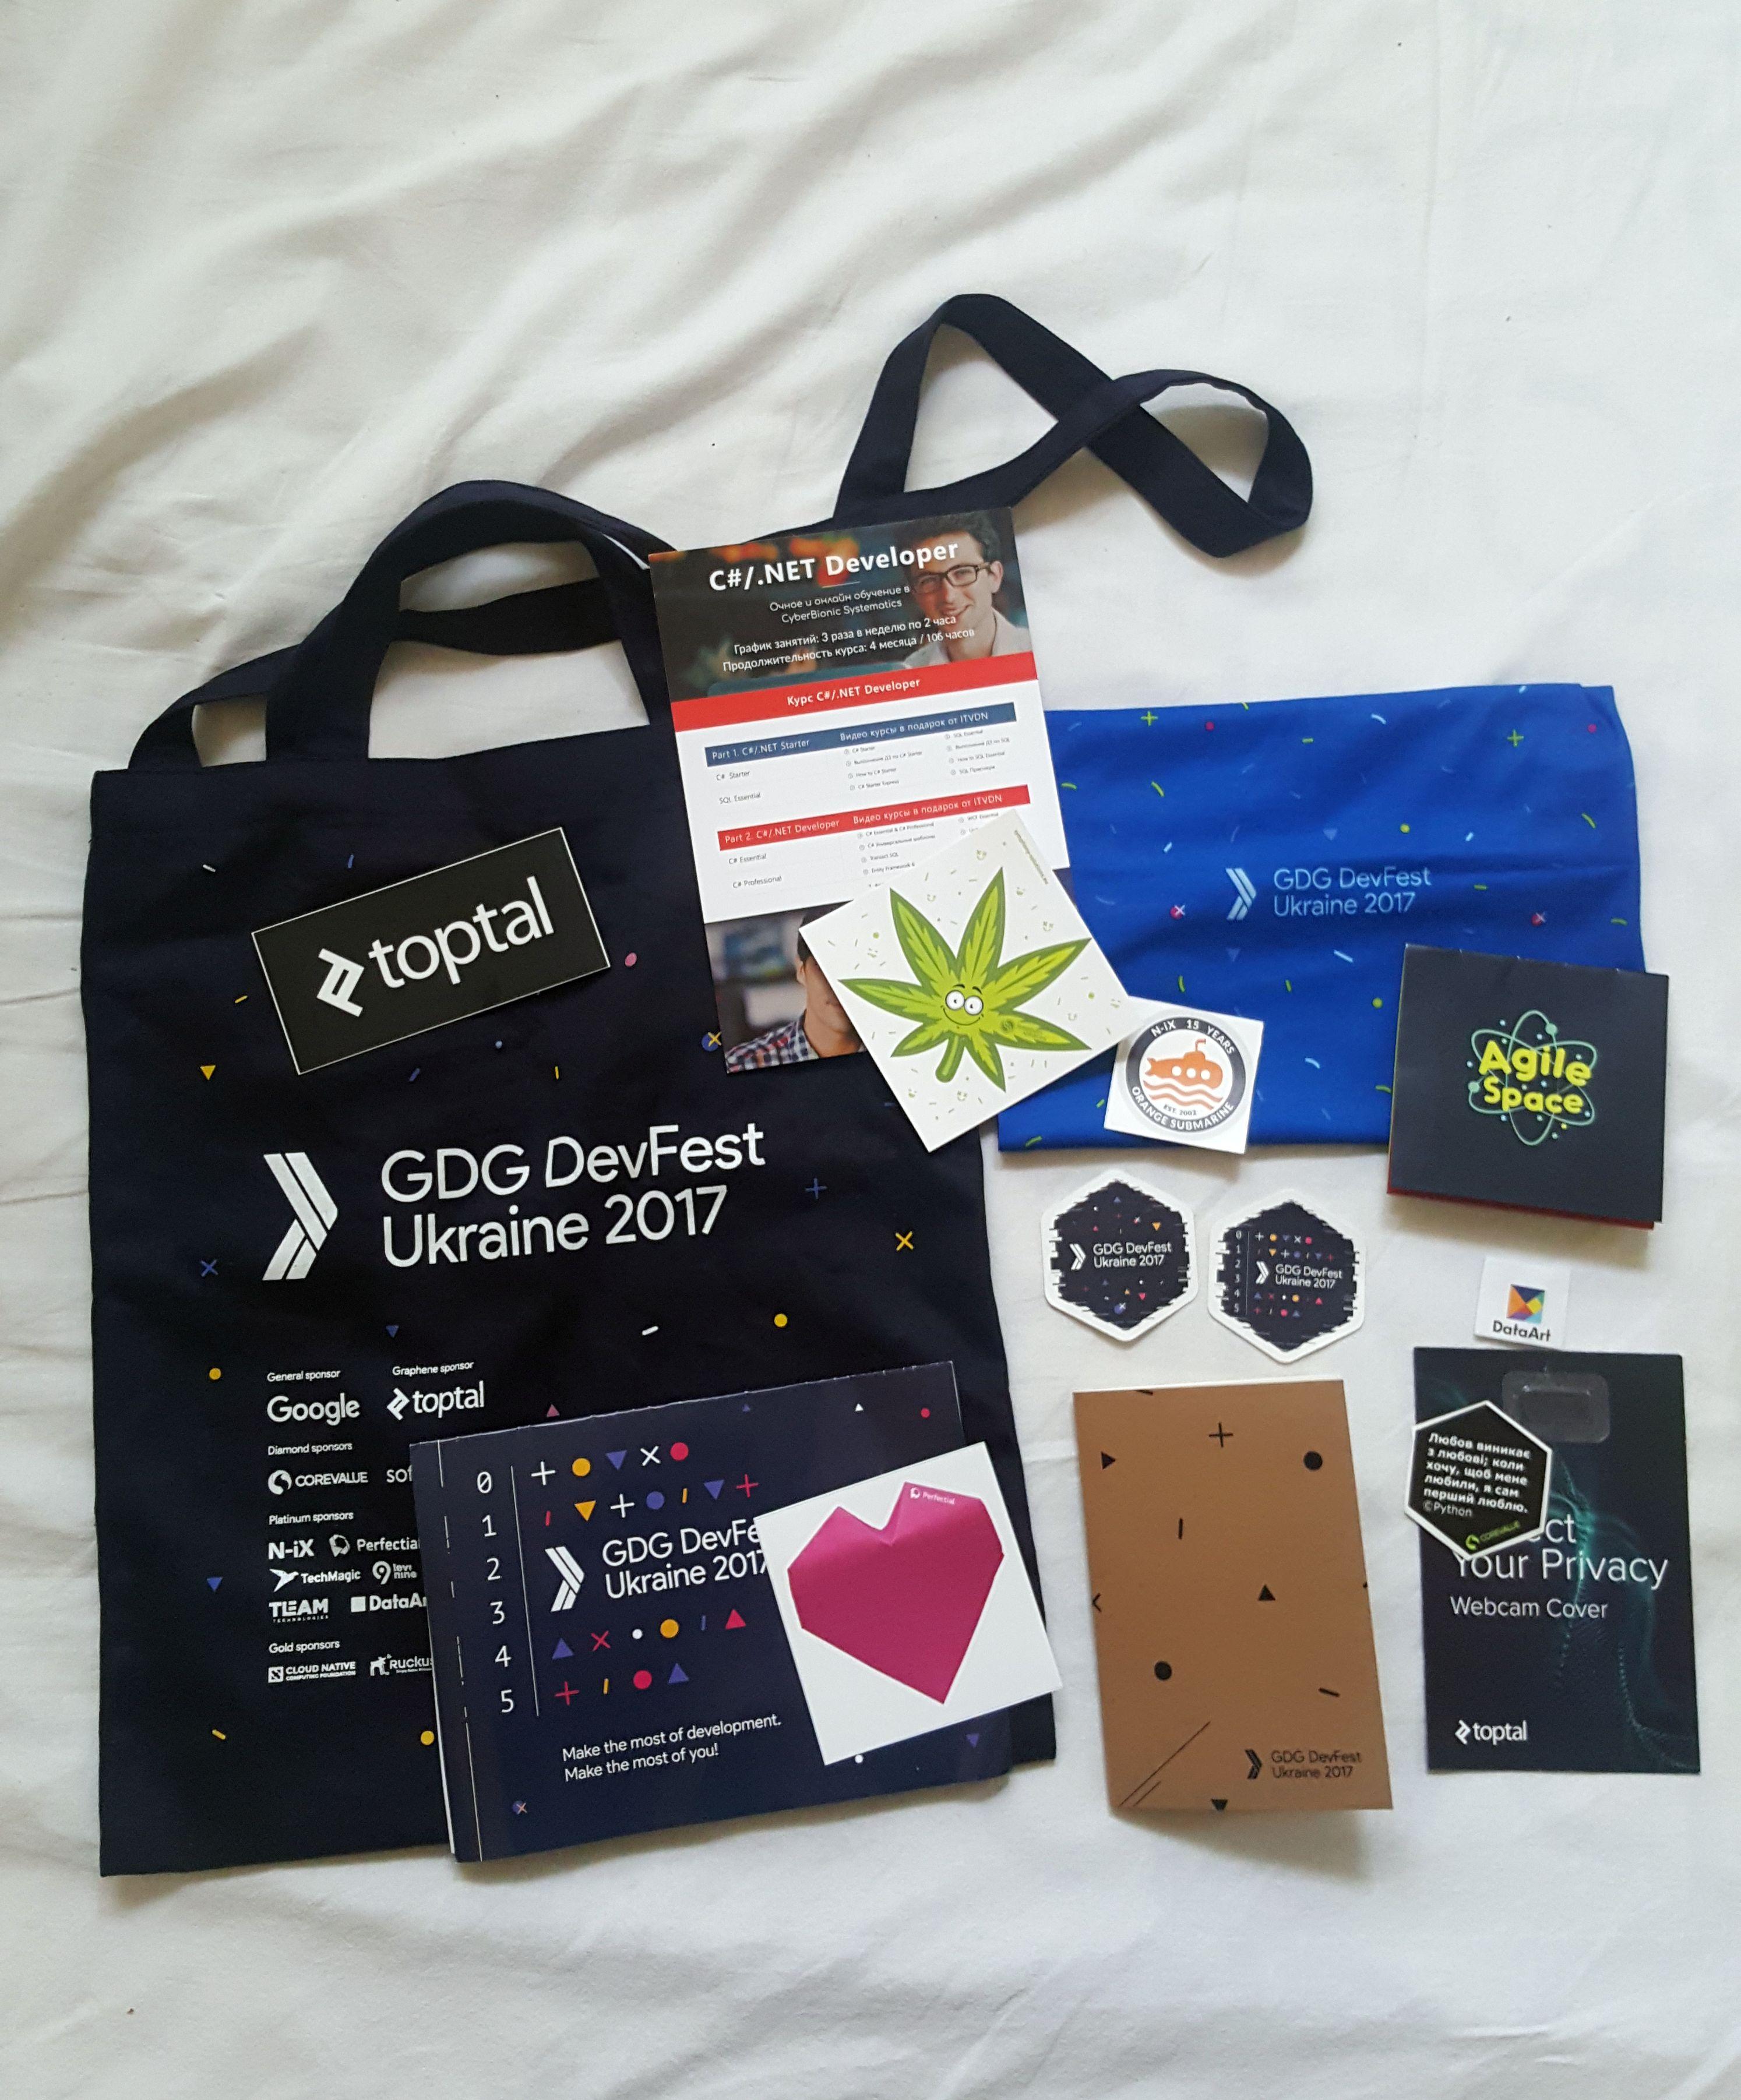 Материалы GDG 2017 Львов, Украина